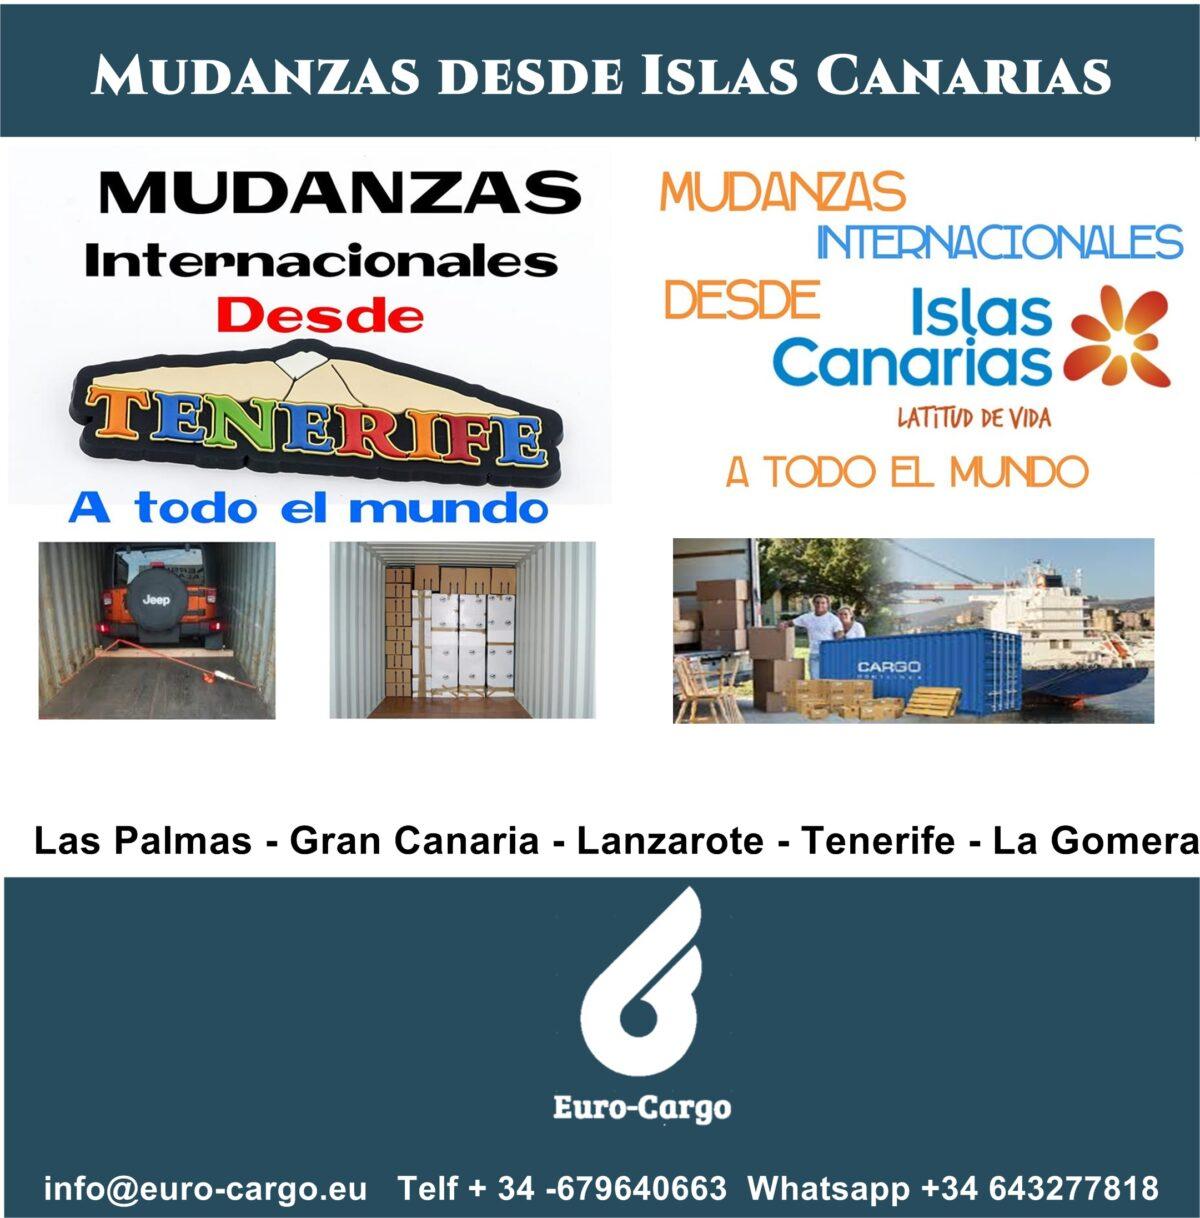 Mudanzas-desde-Islas-Canarias-1200x1218.jpg